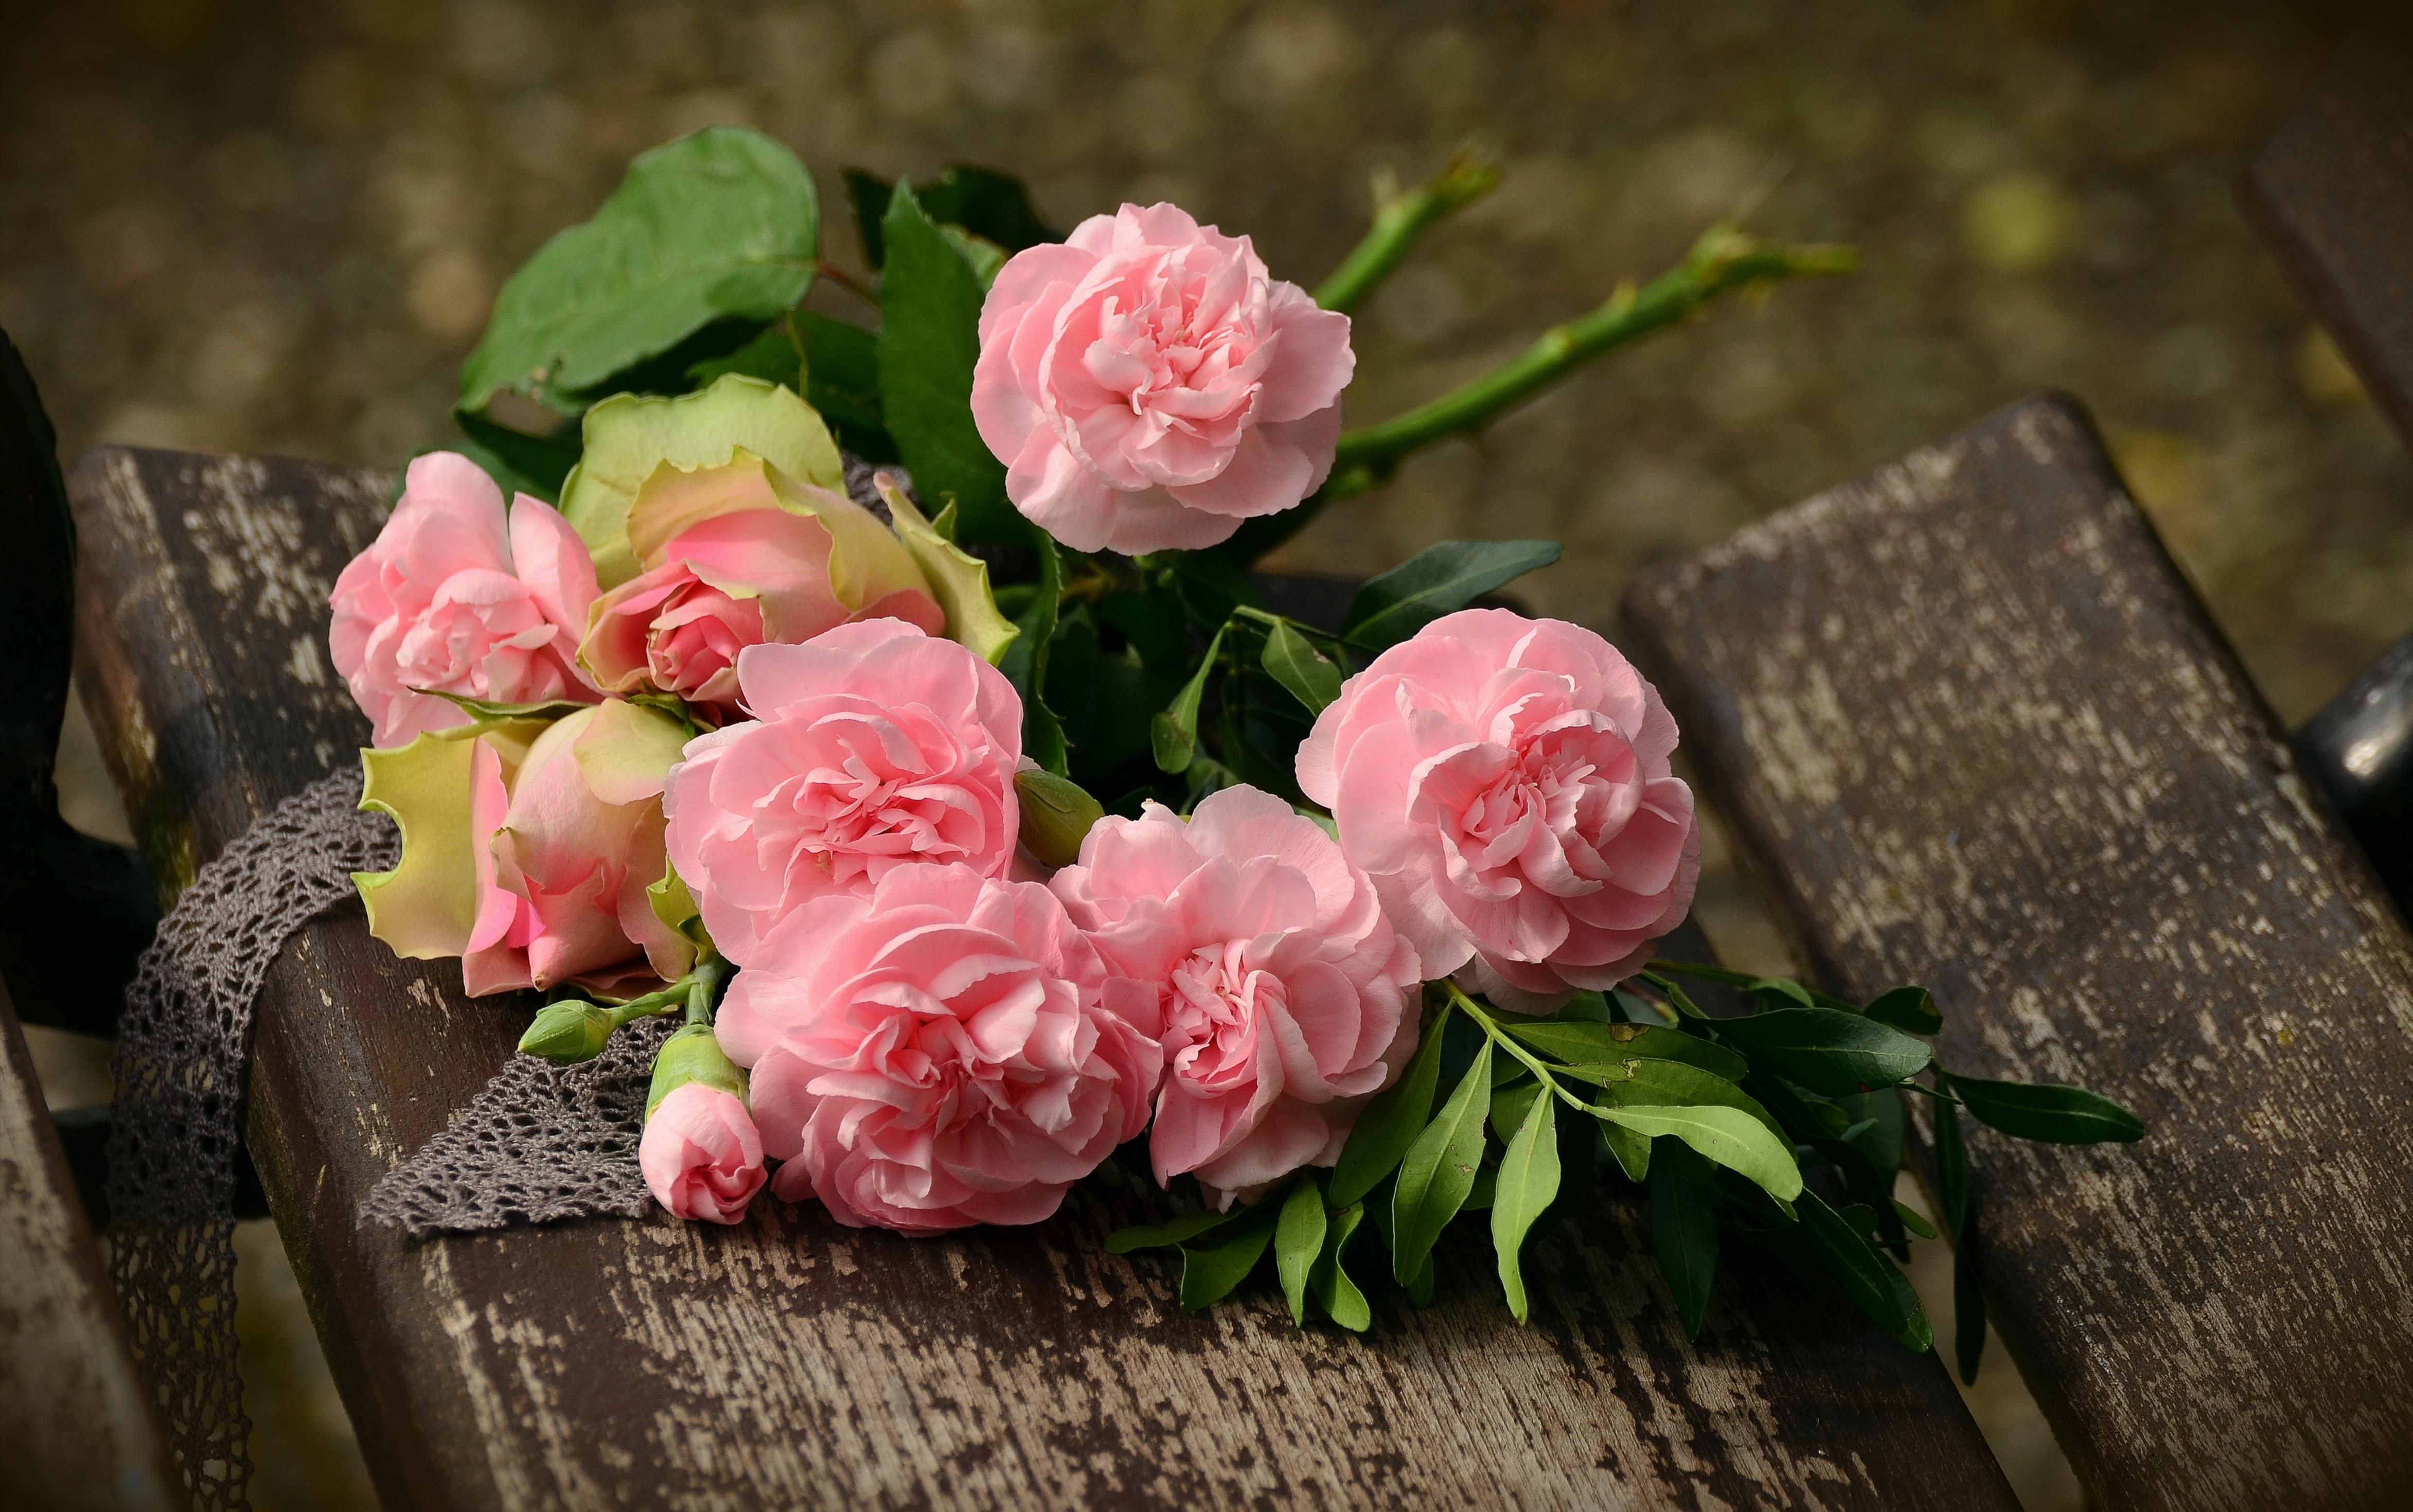 130034 скачать обои Гвоздики, Цветы, Букет, Розовый - заставки и картинки бесплатно